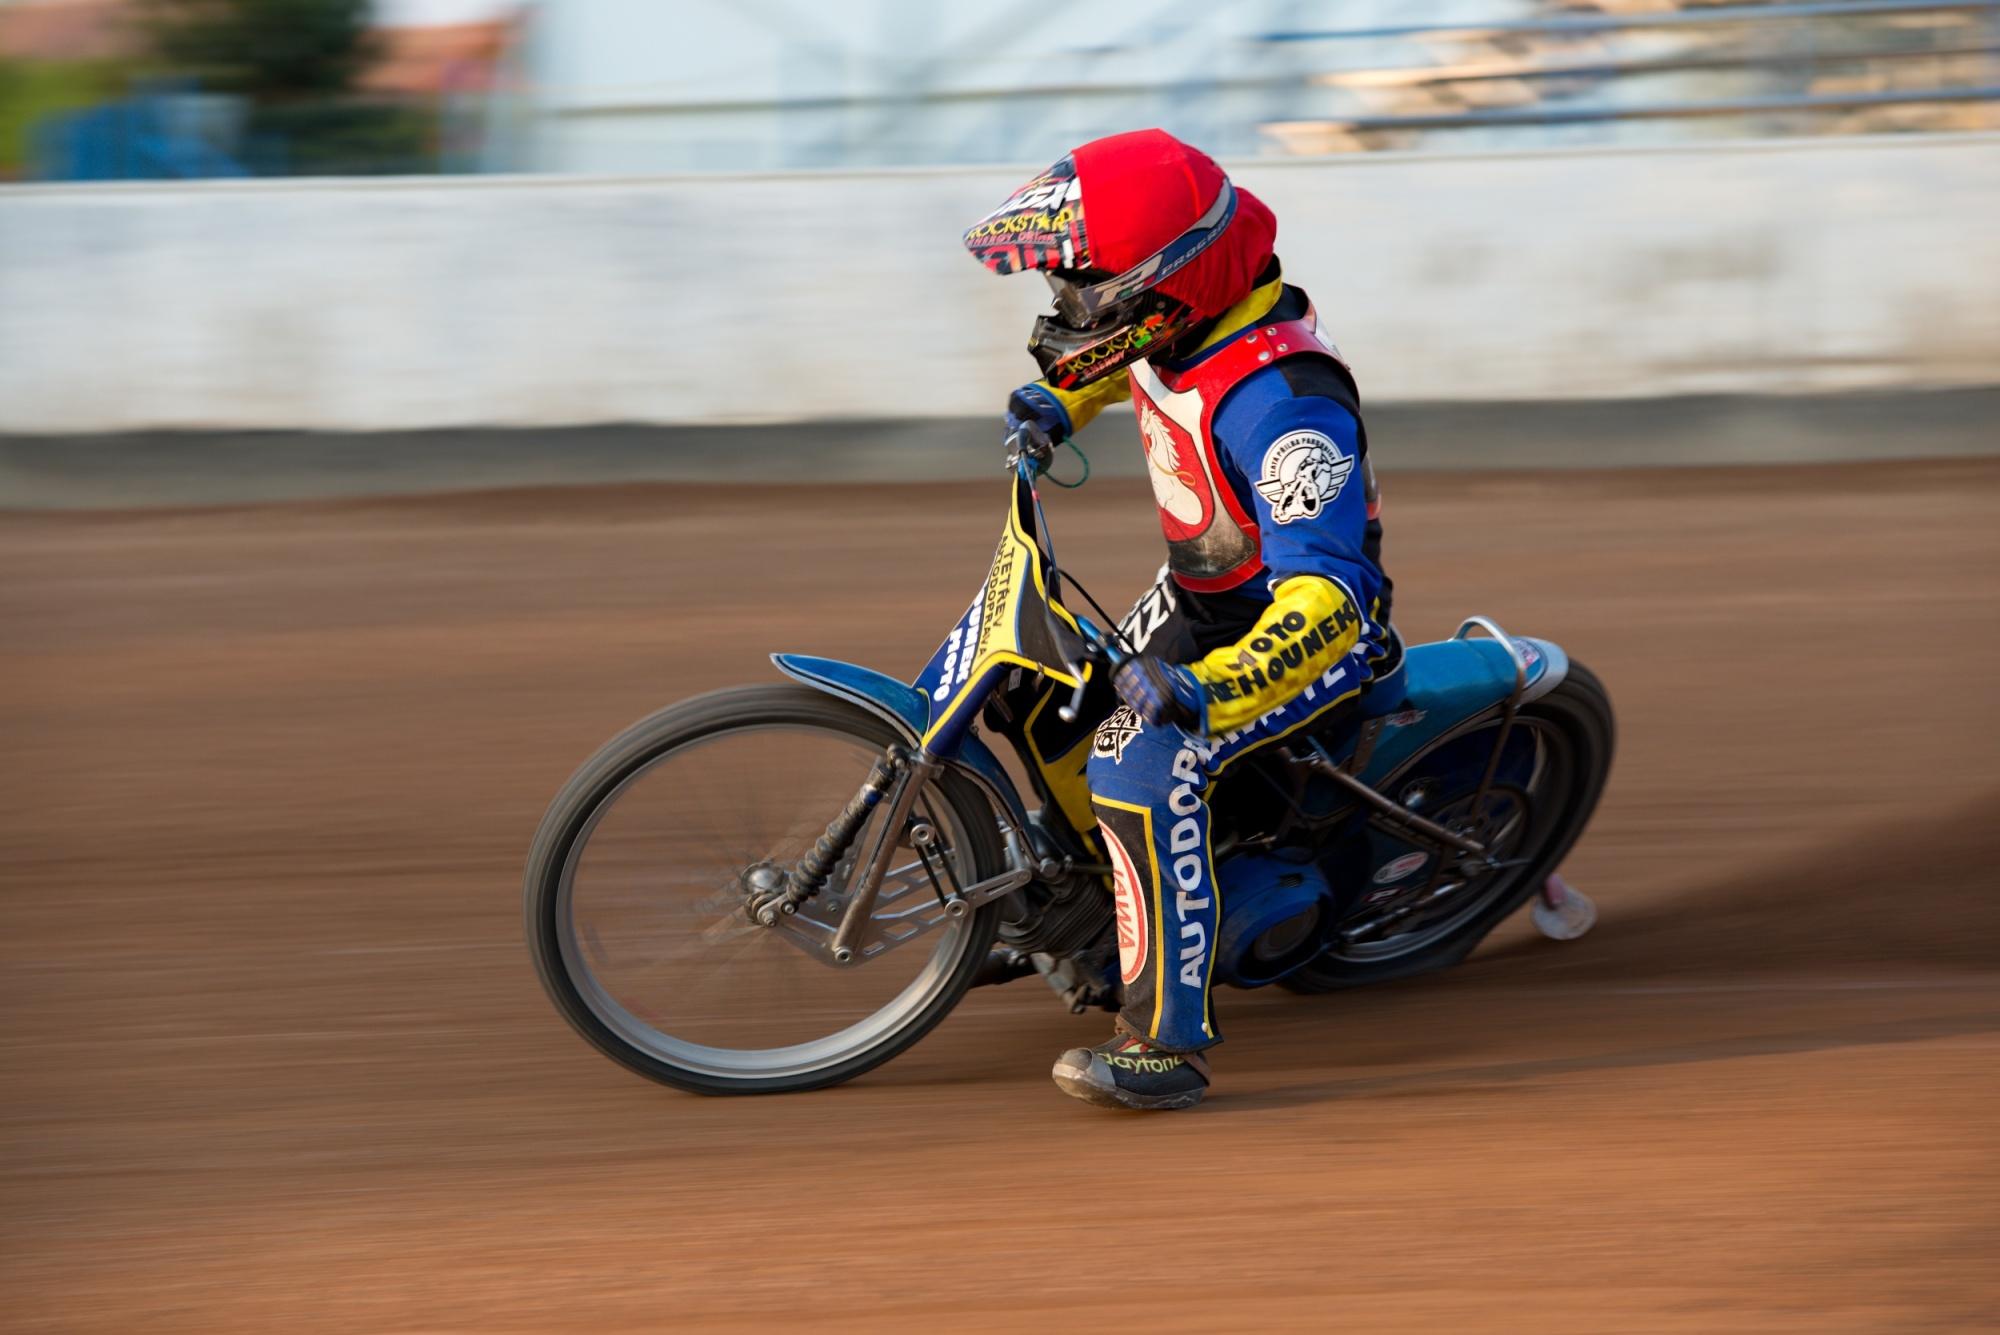 Josef Novák, jezdec, závodník, motocyklista